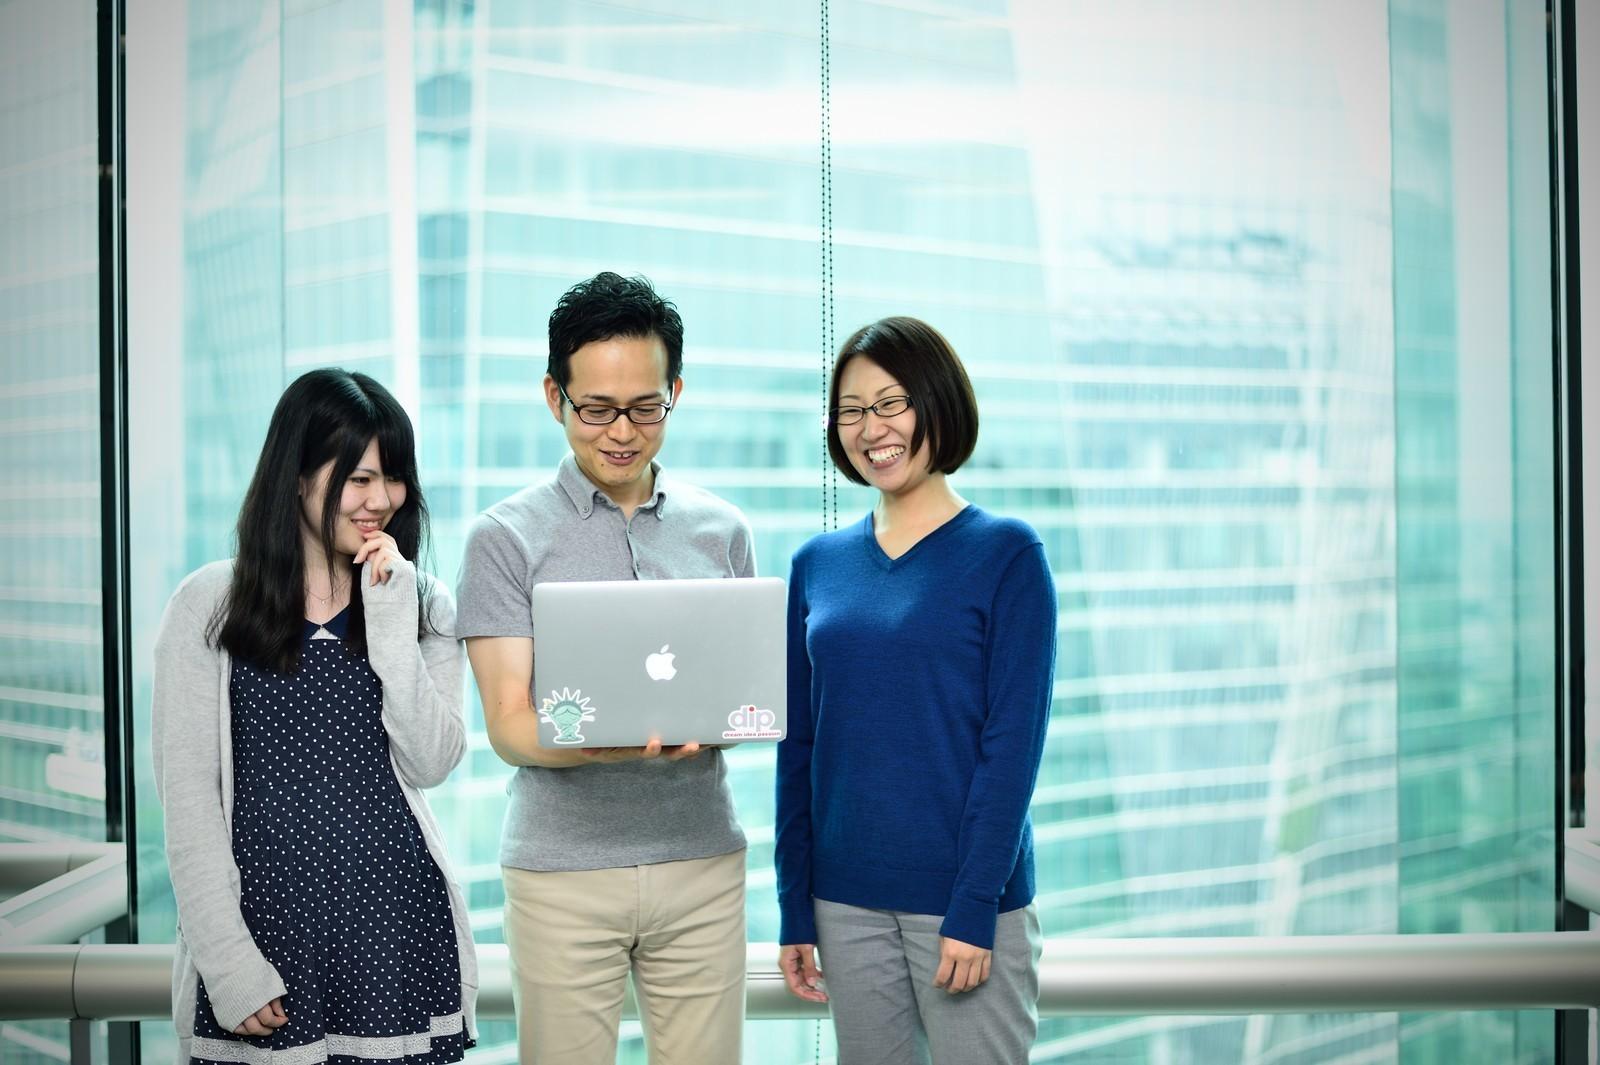 日本最大級のアルバイト求人情報サイト『バイトル』などの開発に携わるAndroidアプリエンジニアを募集!